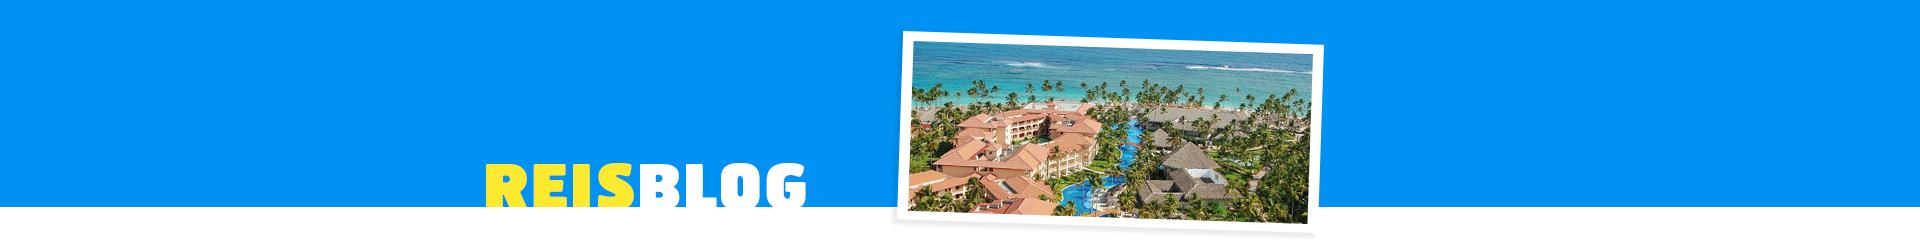 Hotel Majestic colanial Punta Cana, met vakantiehuizen in het groen en zee op de achtergrond